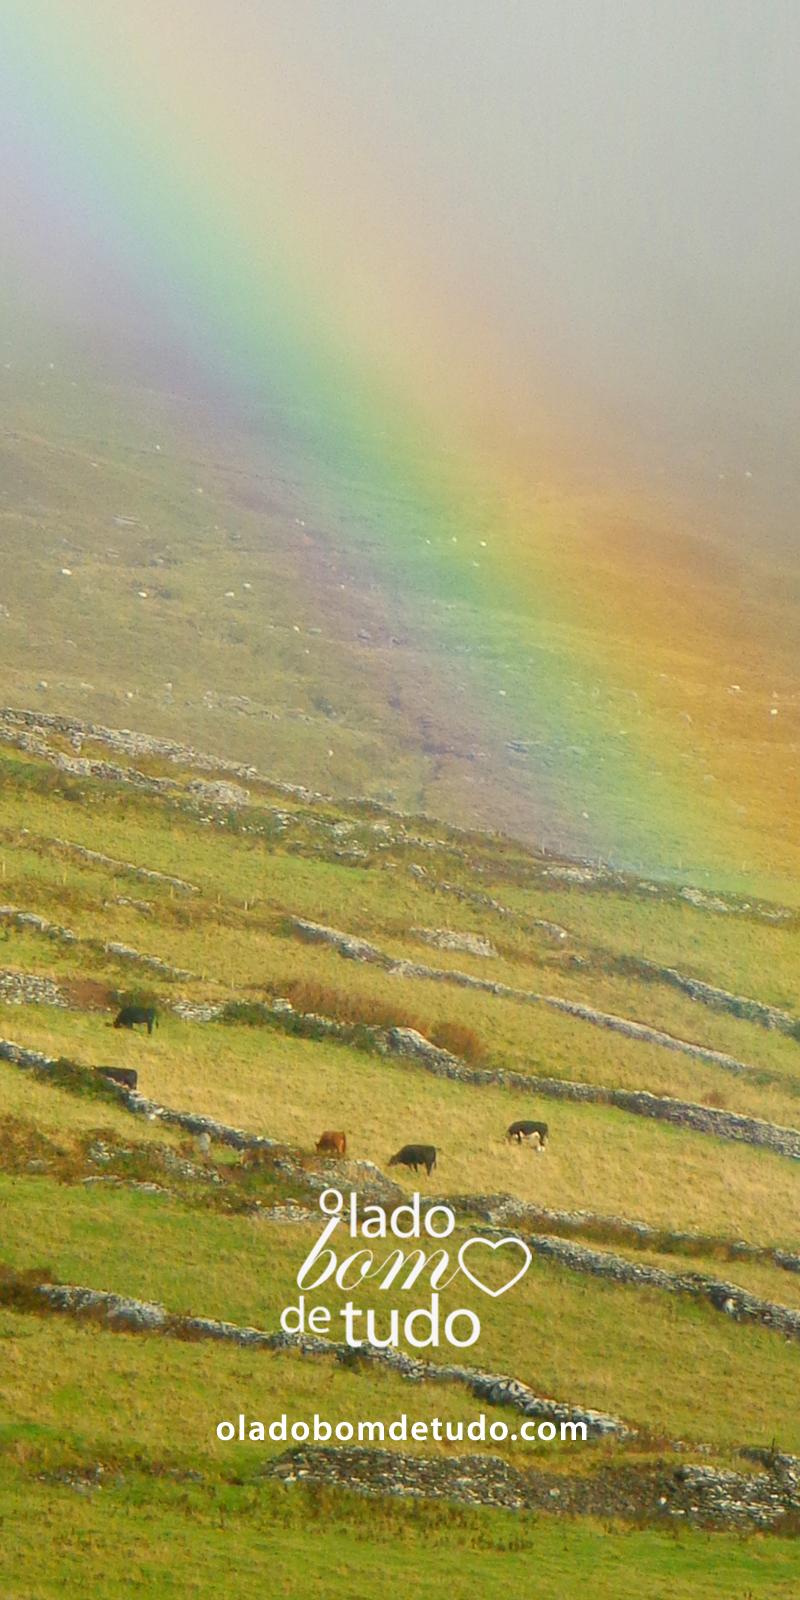 Detalhe do arco-íris em Dingle, Irlanda, em um prado verdinho, um céu bem nublado e muitas vaquinhas e ovelhas pastando.